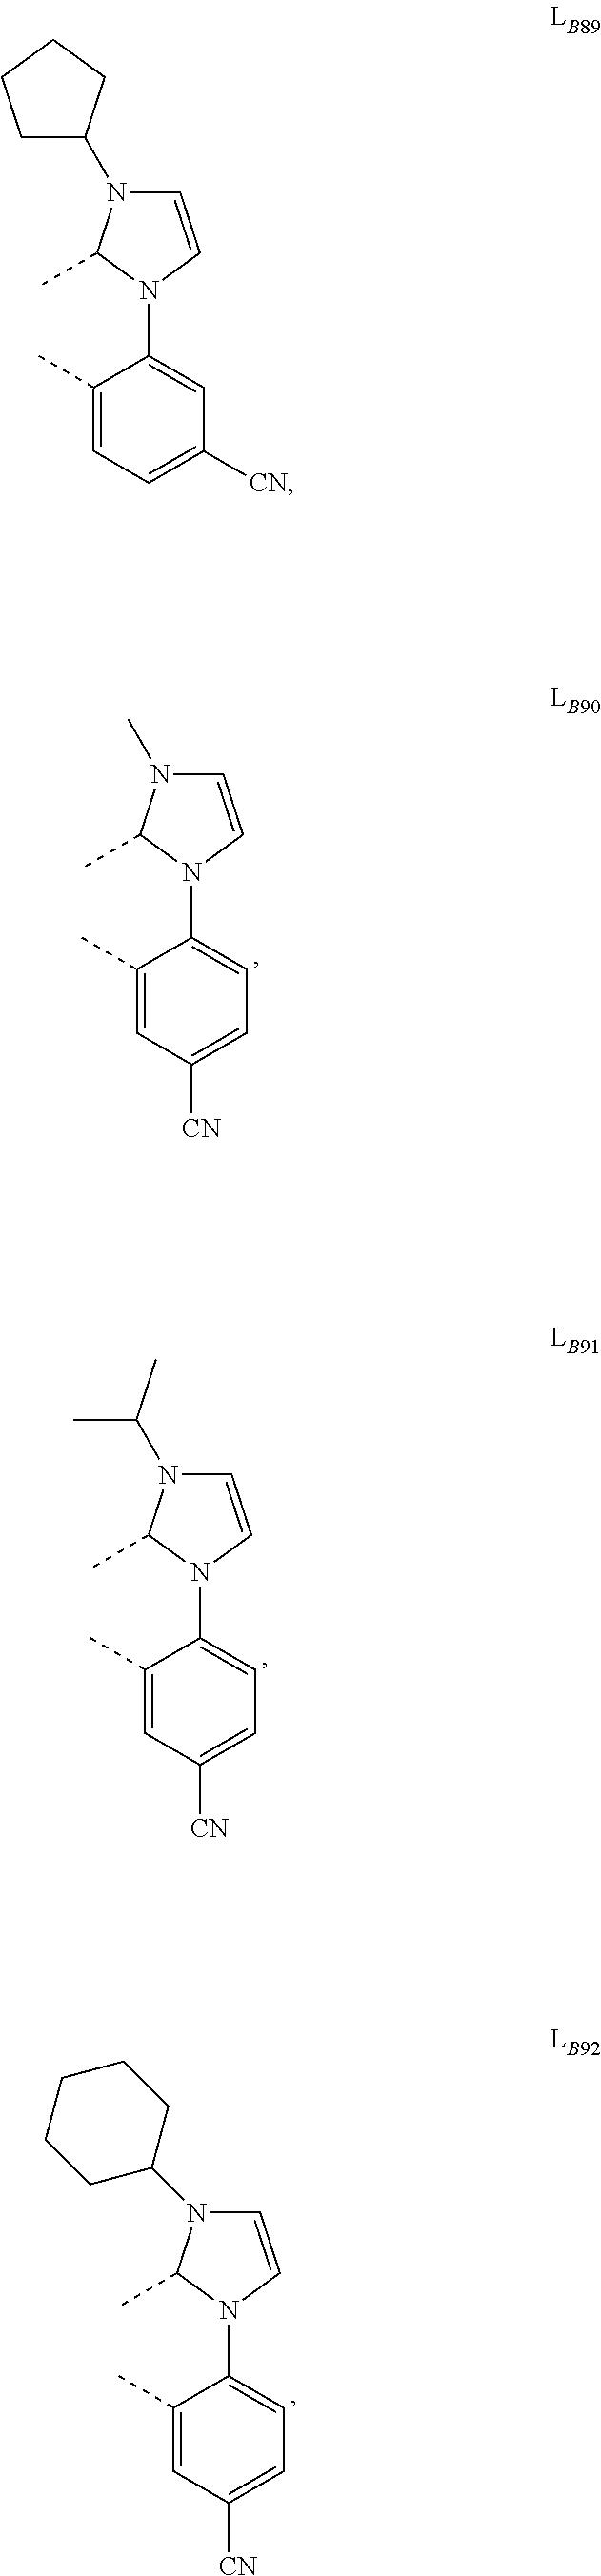 Figure US09905785-20180227-C00123